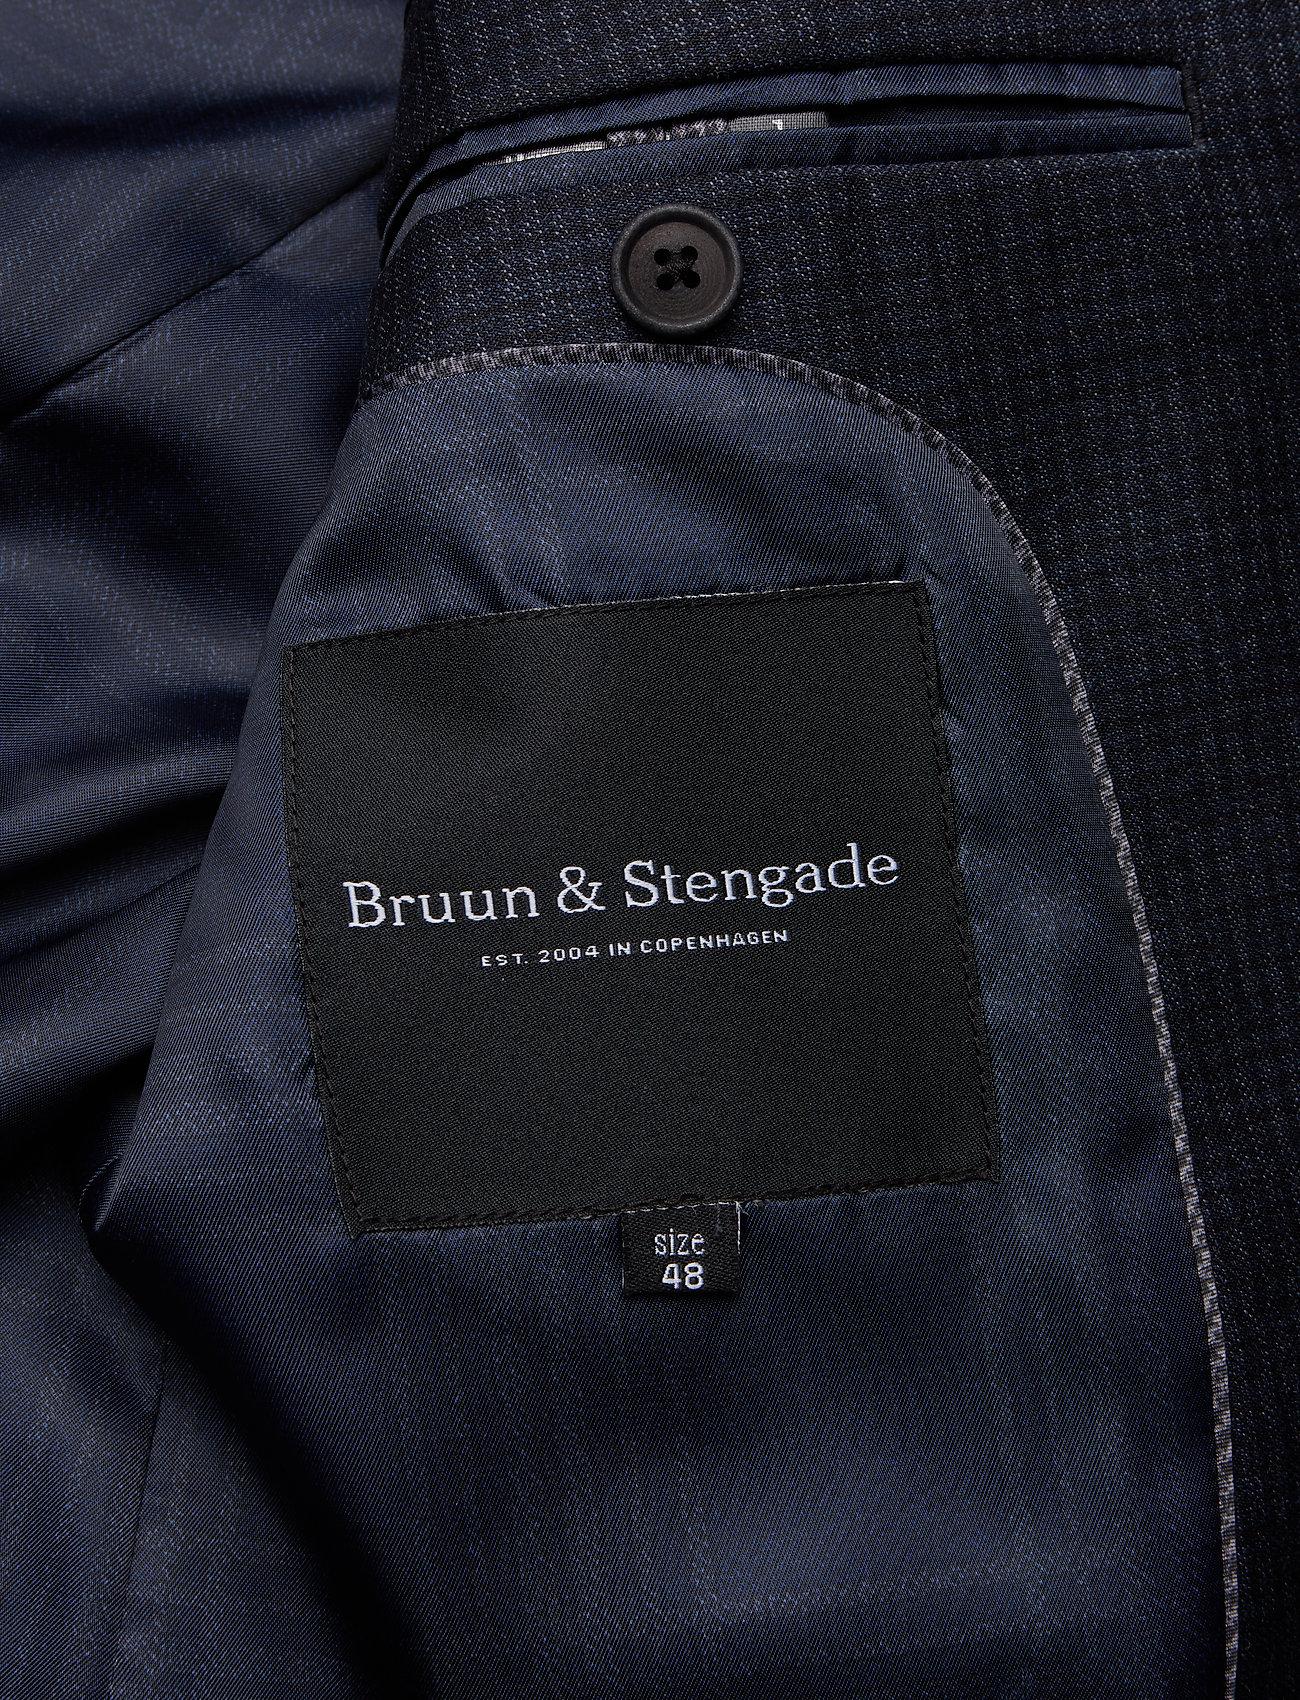 Bruun & Stengade BS Nashville - Dresser & blazere NAVY - Menn Klær